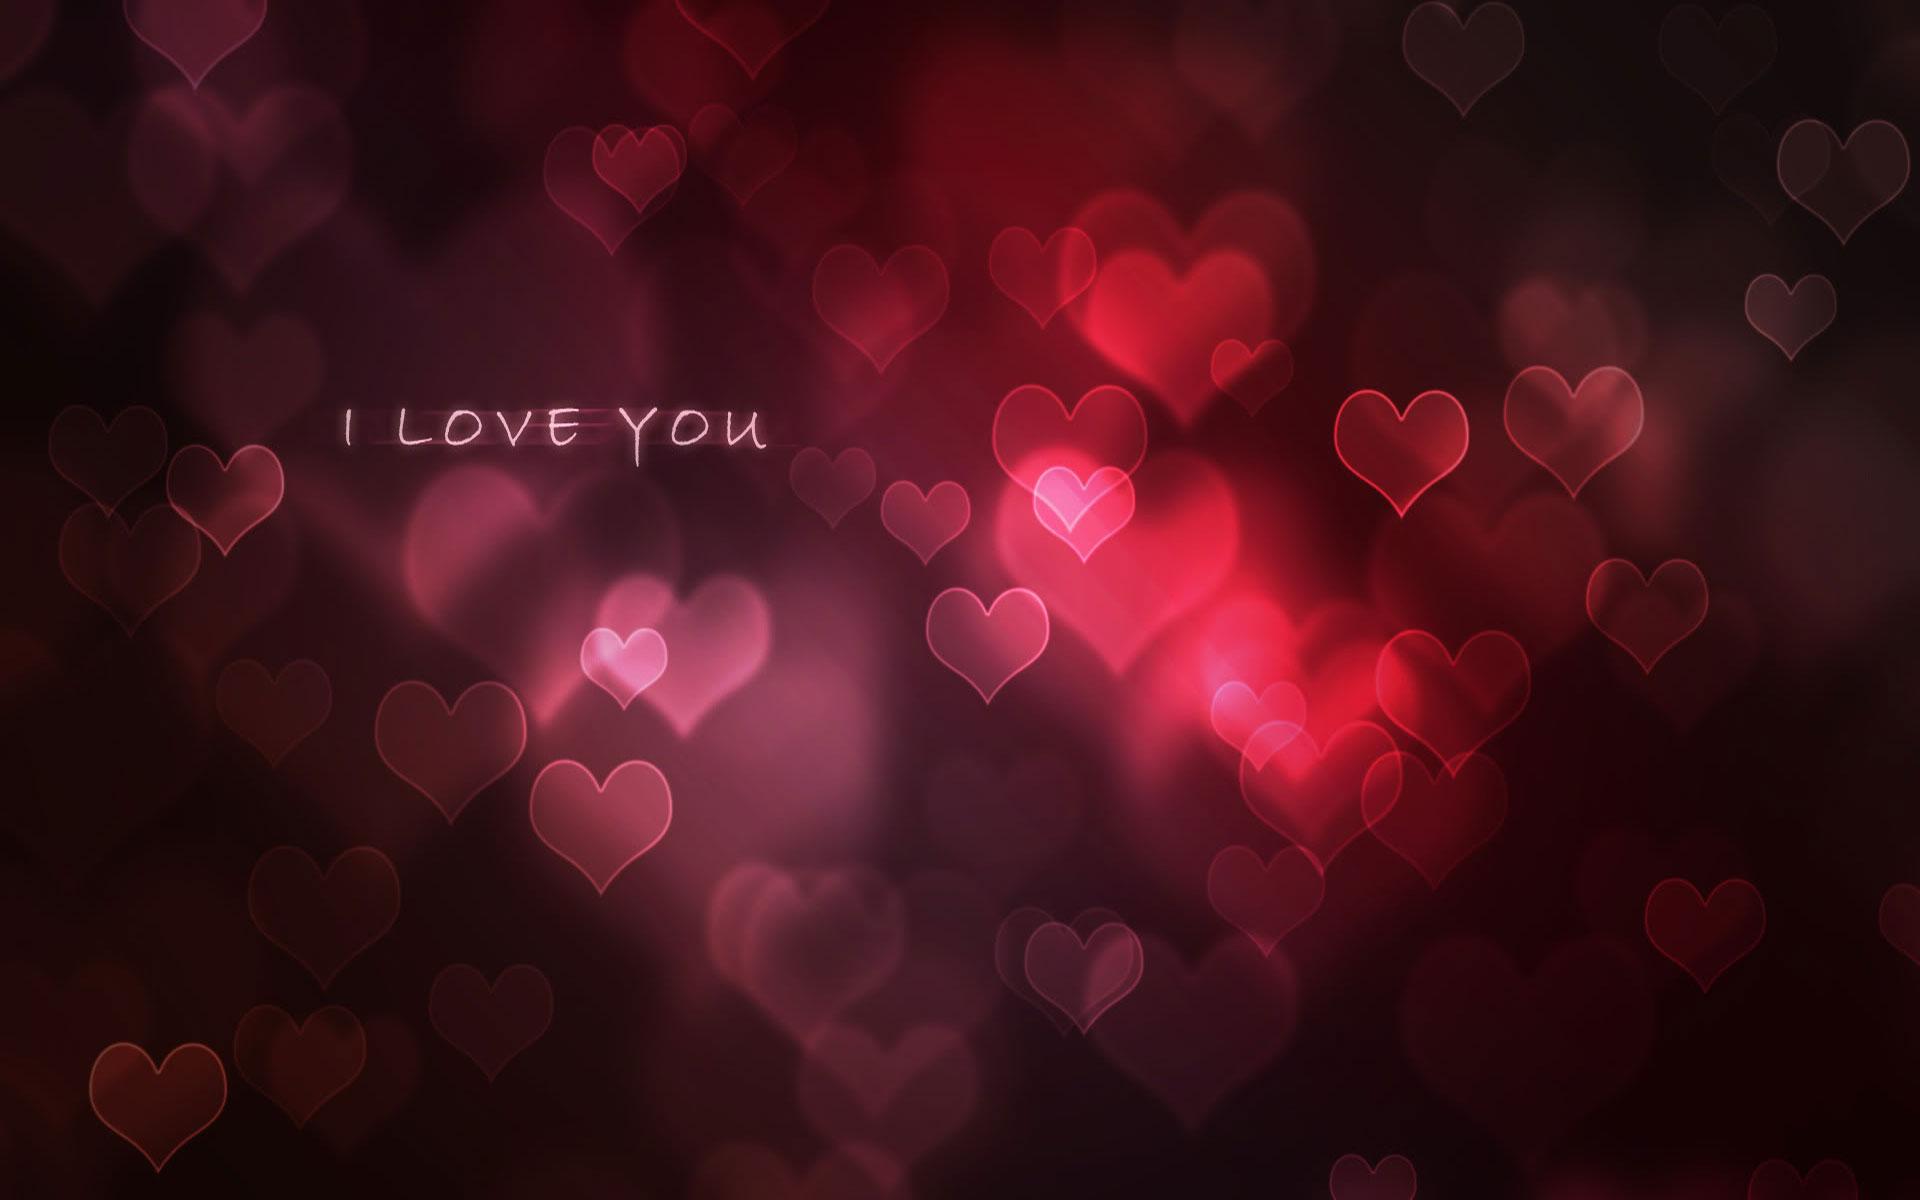 love u images wallpaper - sf wallpaper